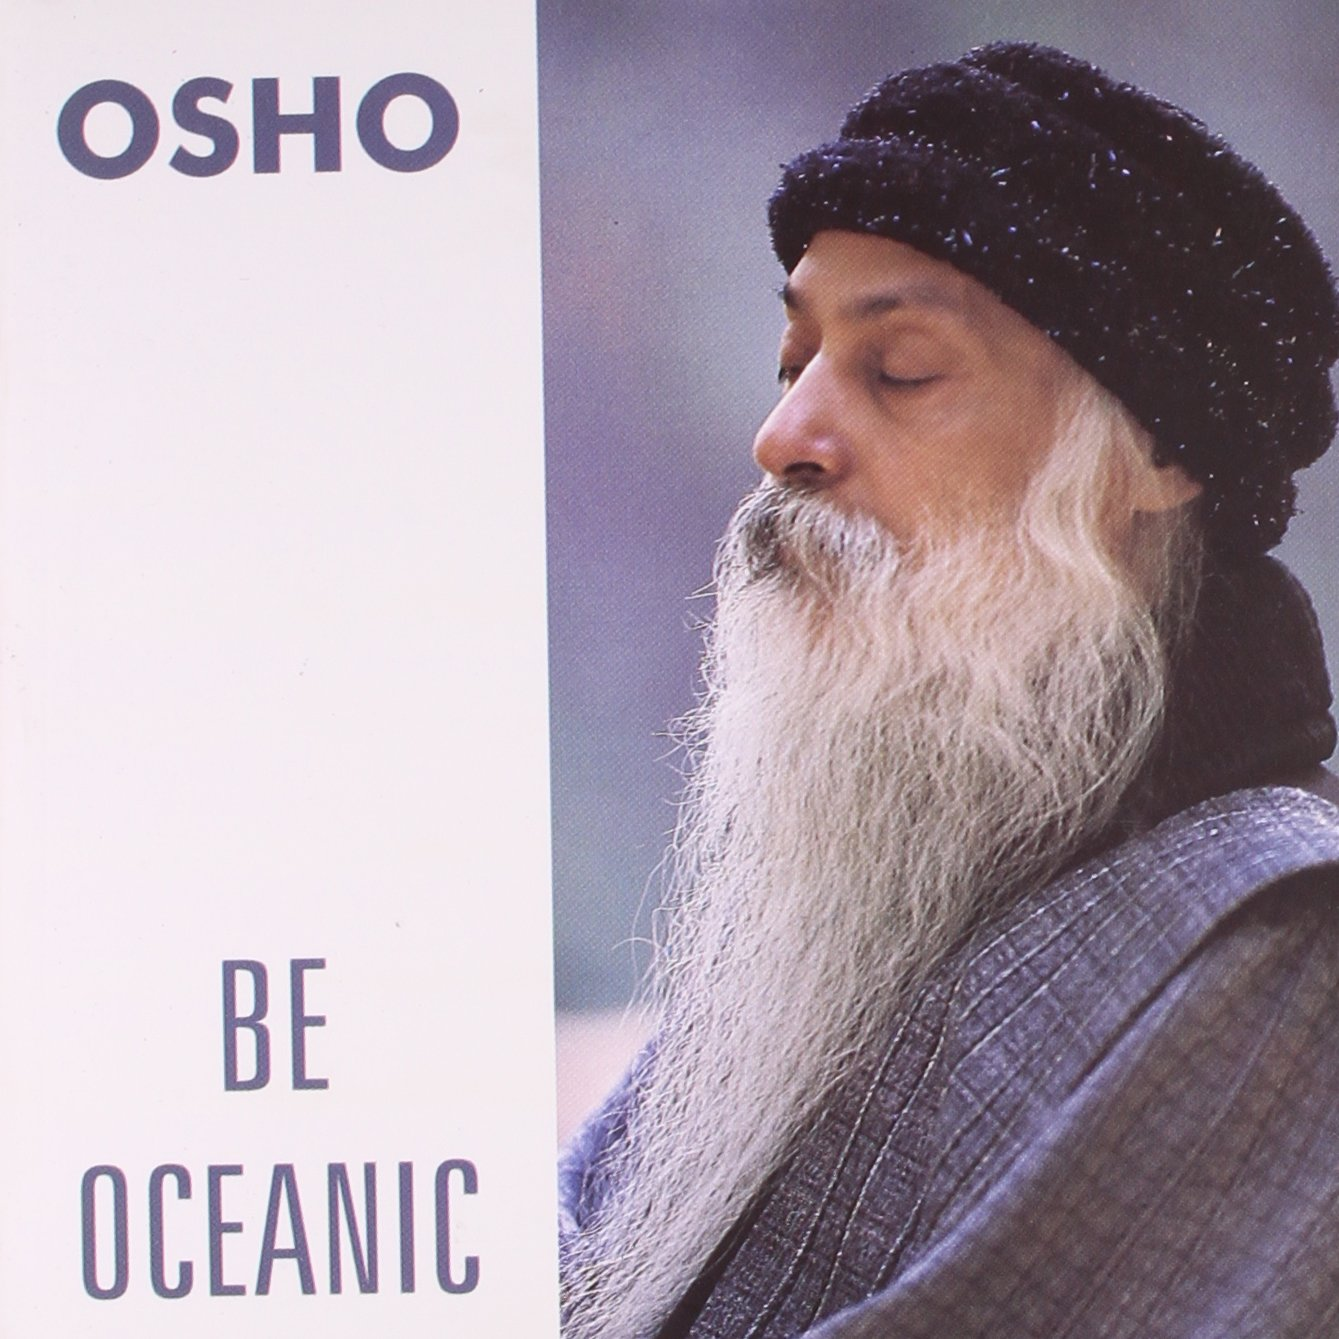 BE OCEANIC : OSHO